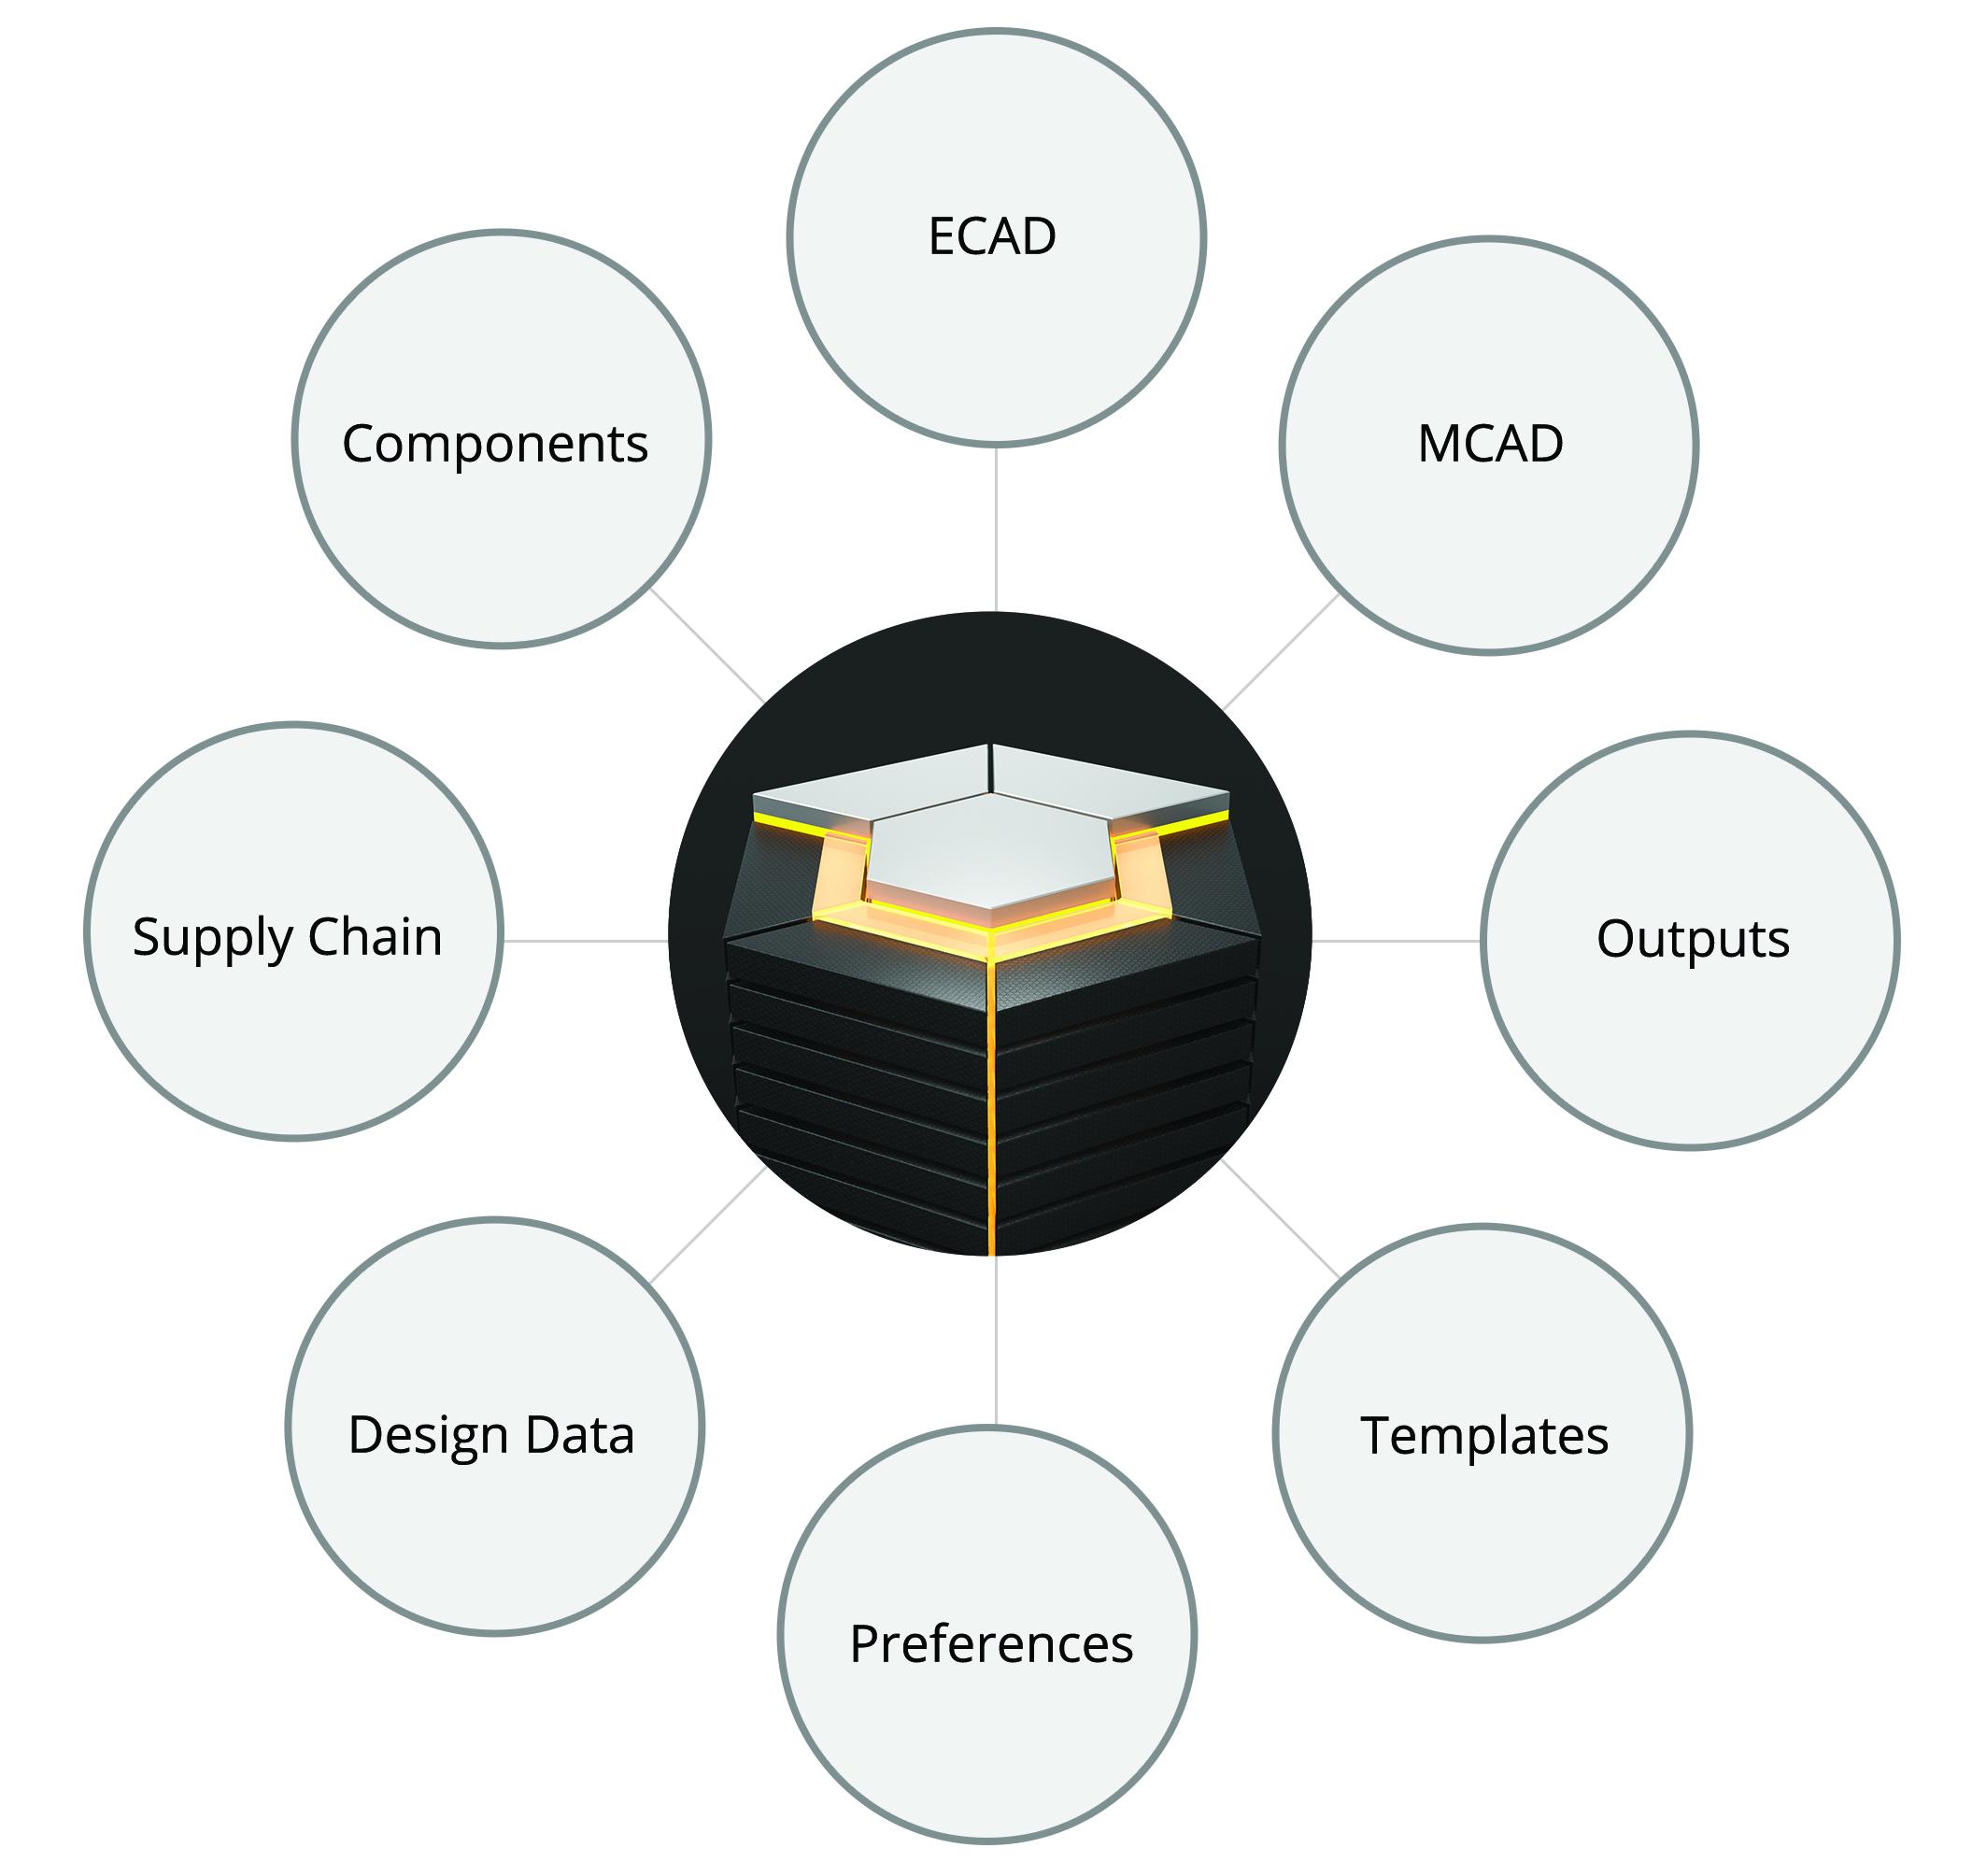 Verwaltung von Komponenten